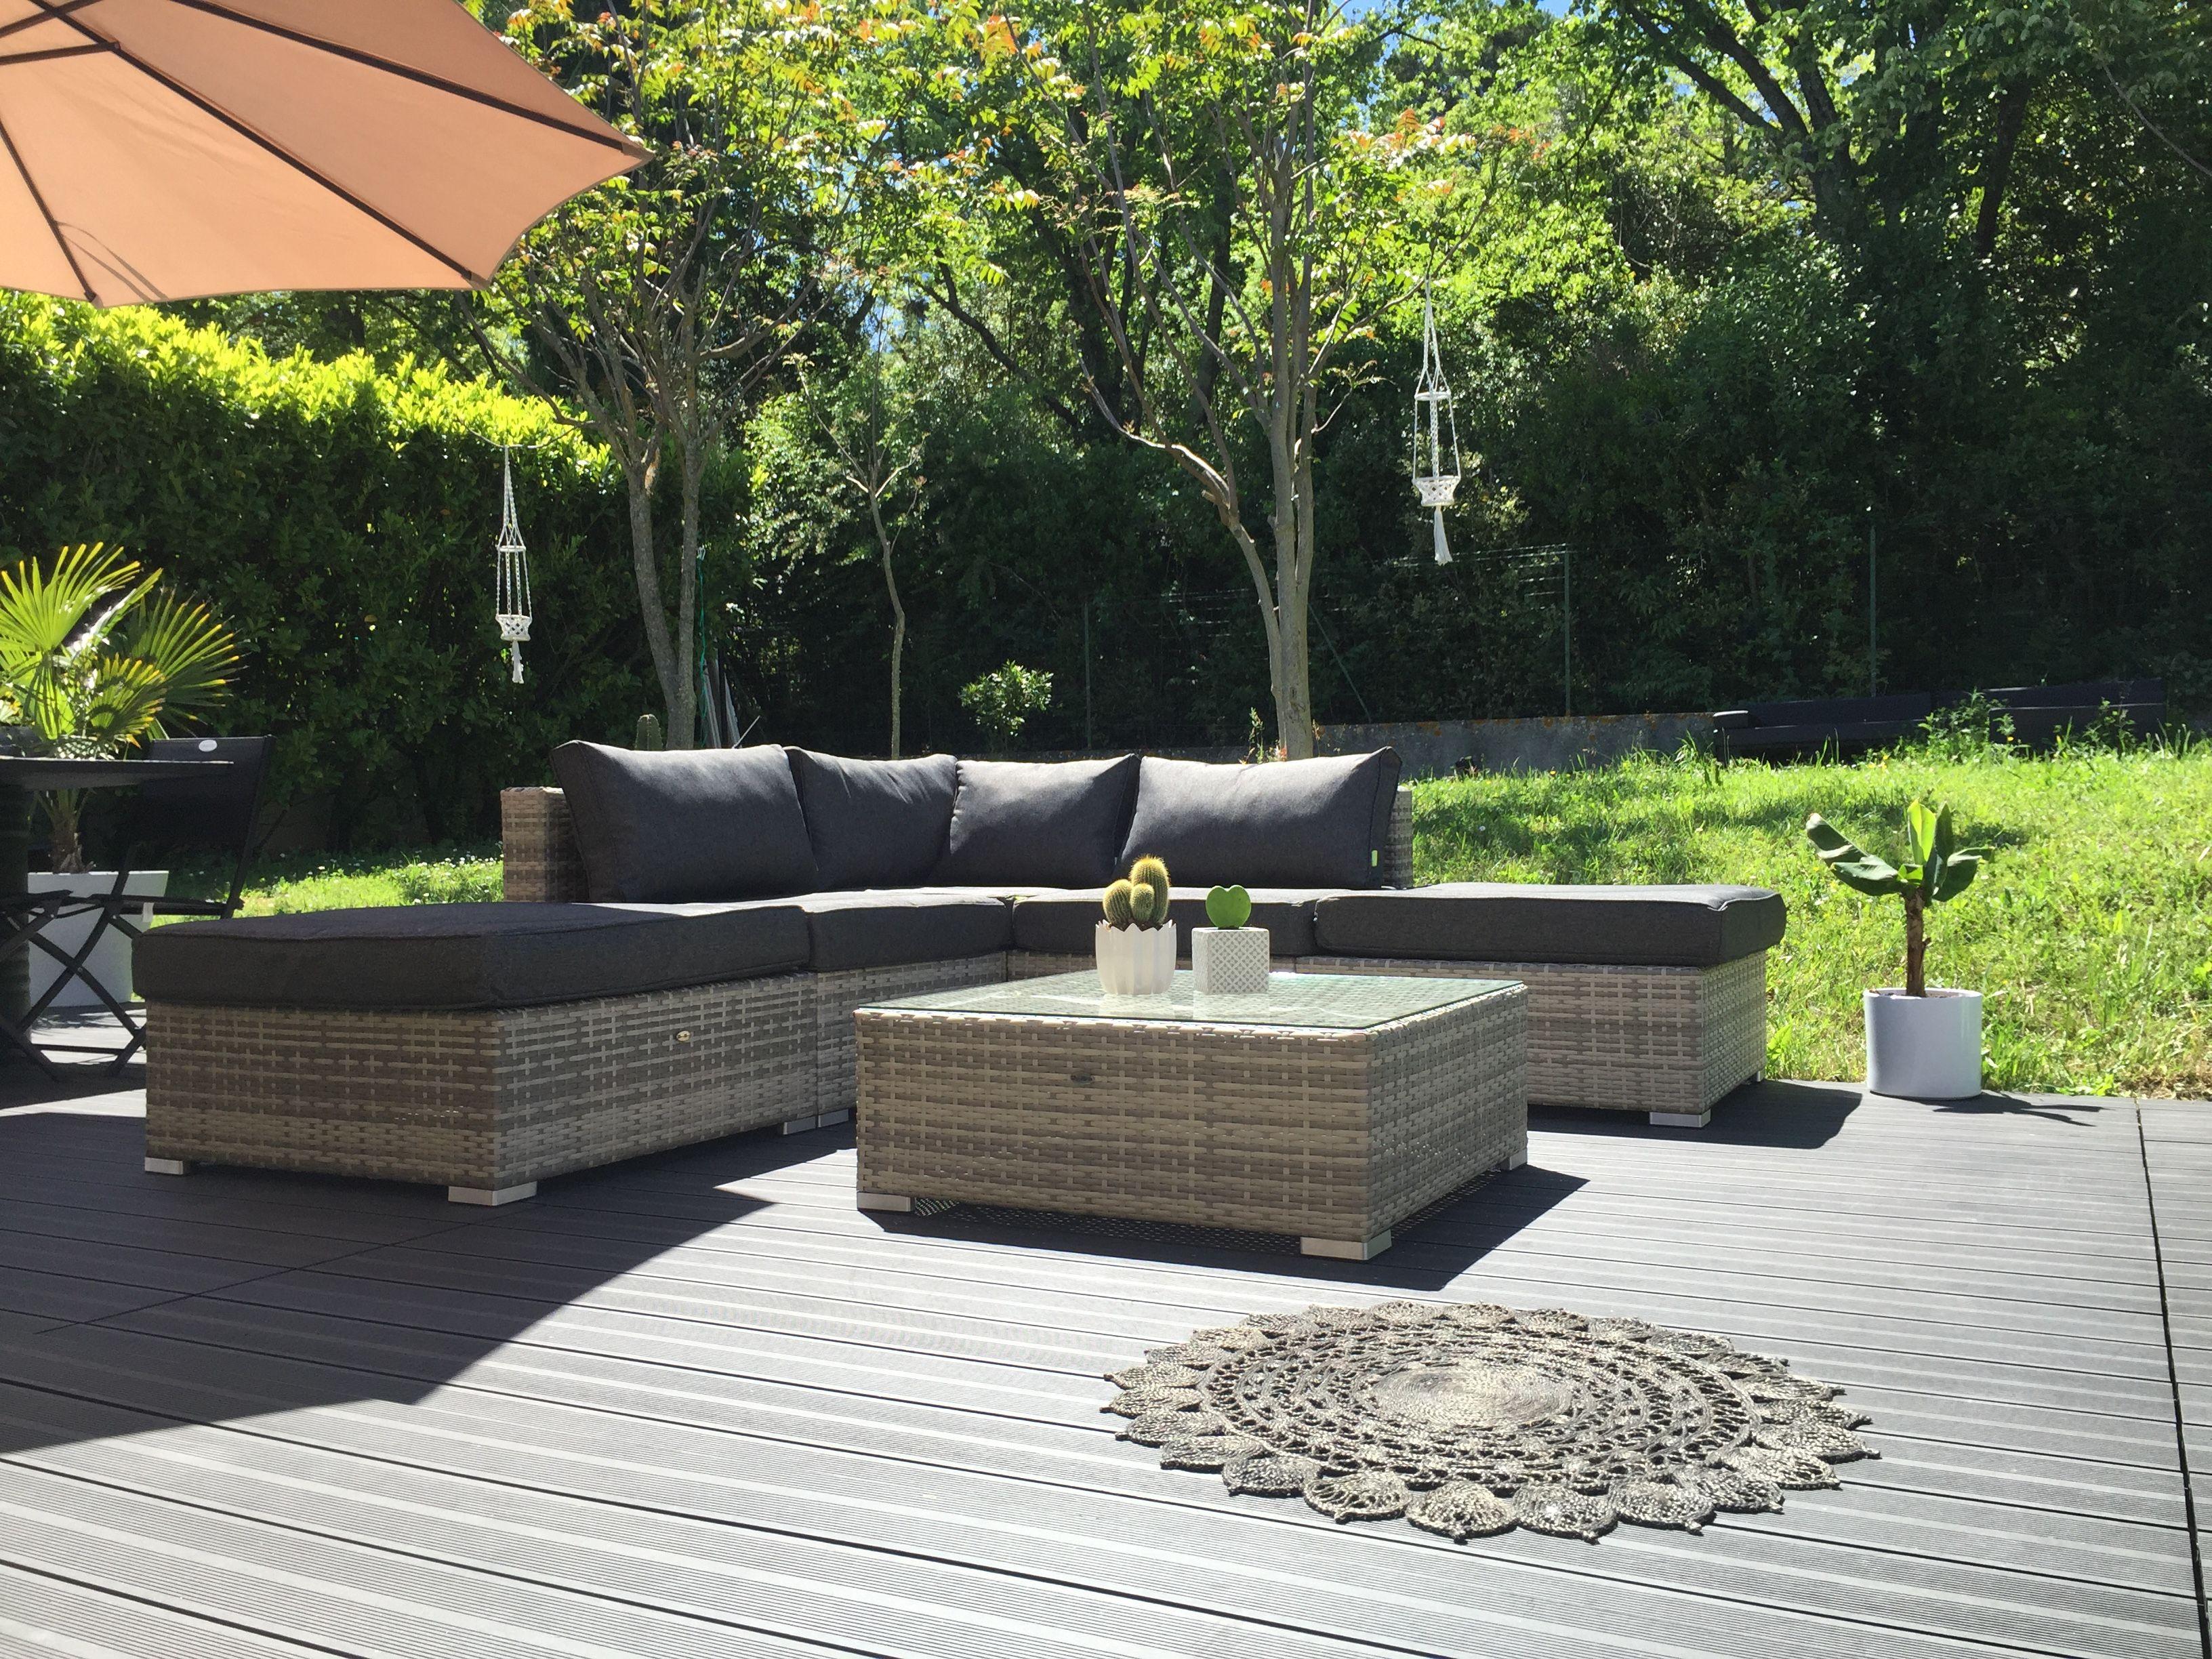 Milano salon de jardin 7 places en résine tressée jardin